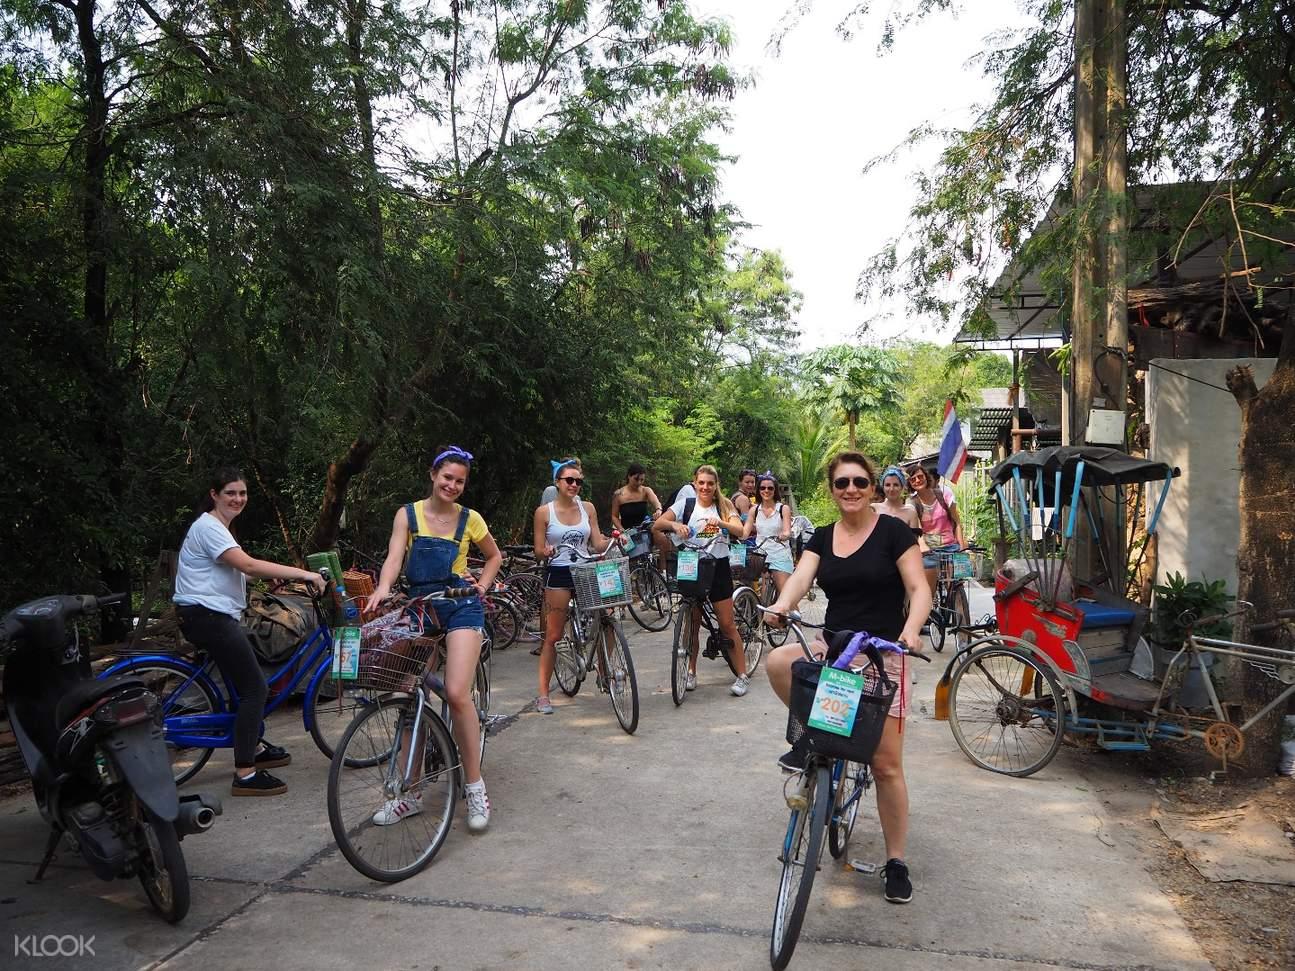 泰国 曼谷街头挑战赛 & 美食试吃体验(含骑行之旅)